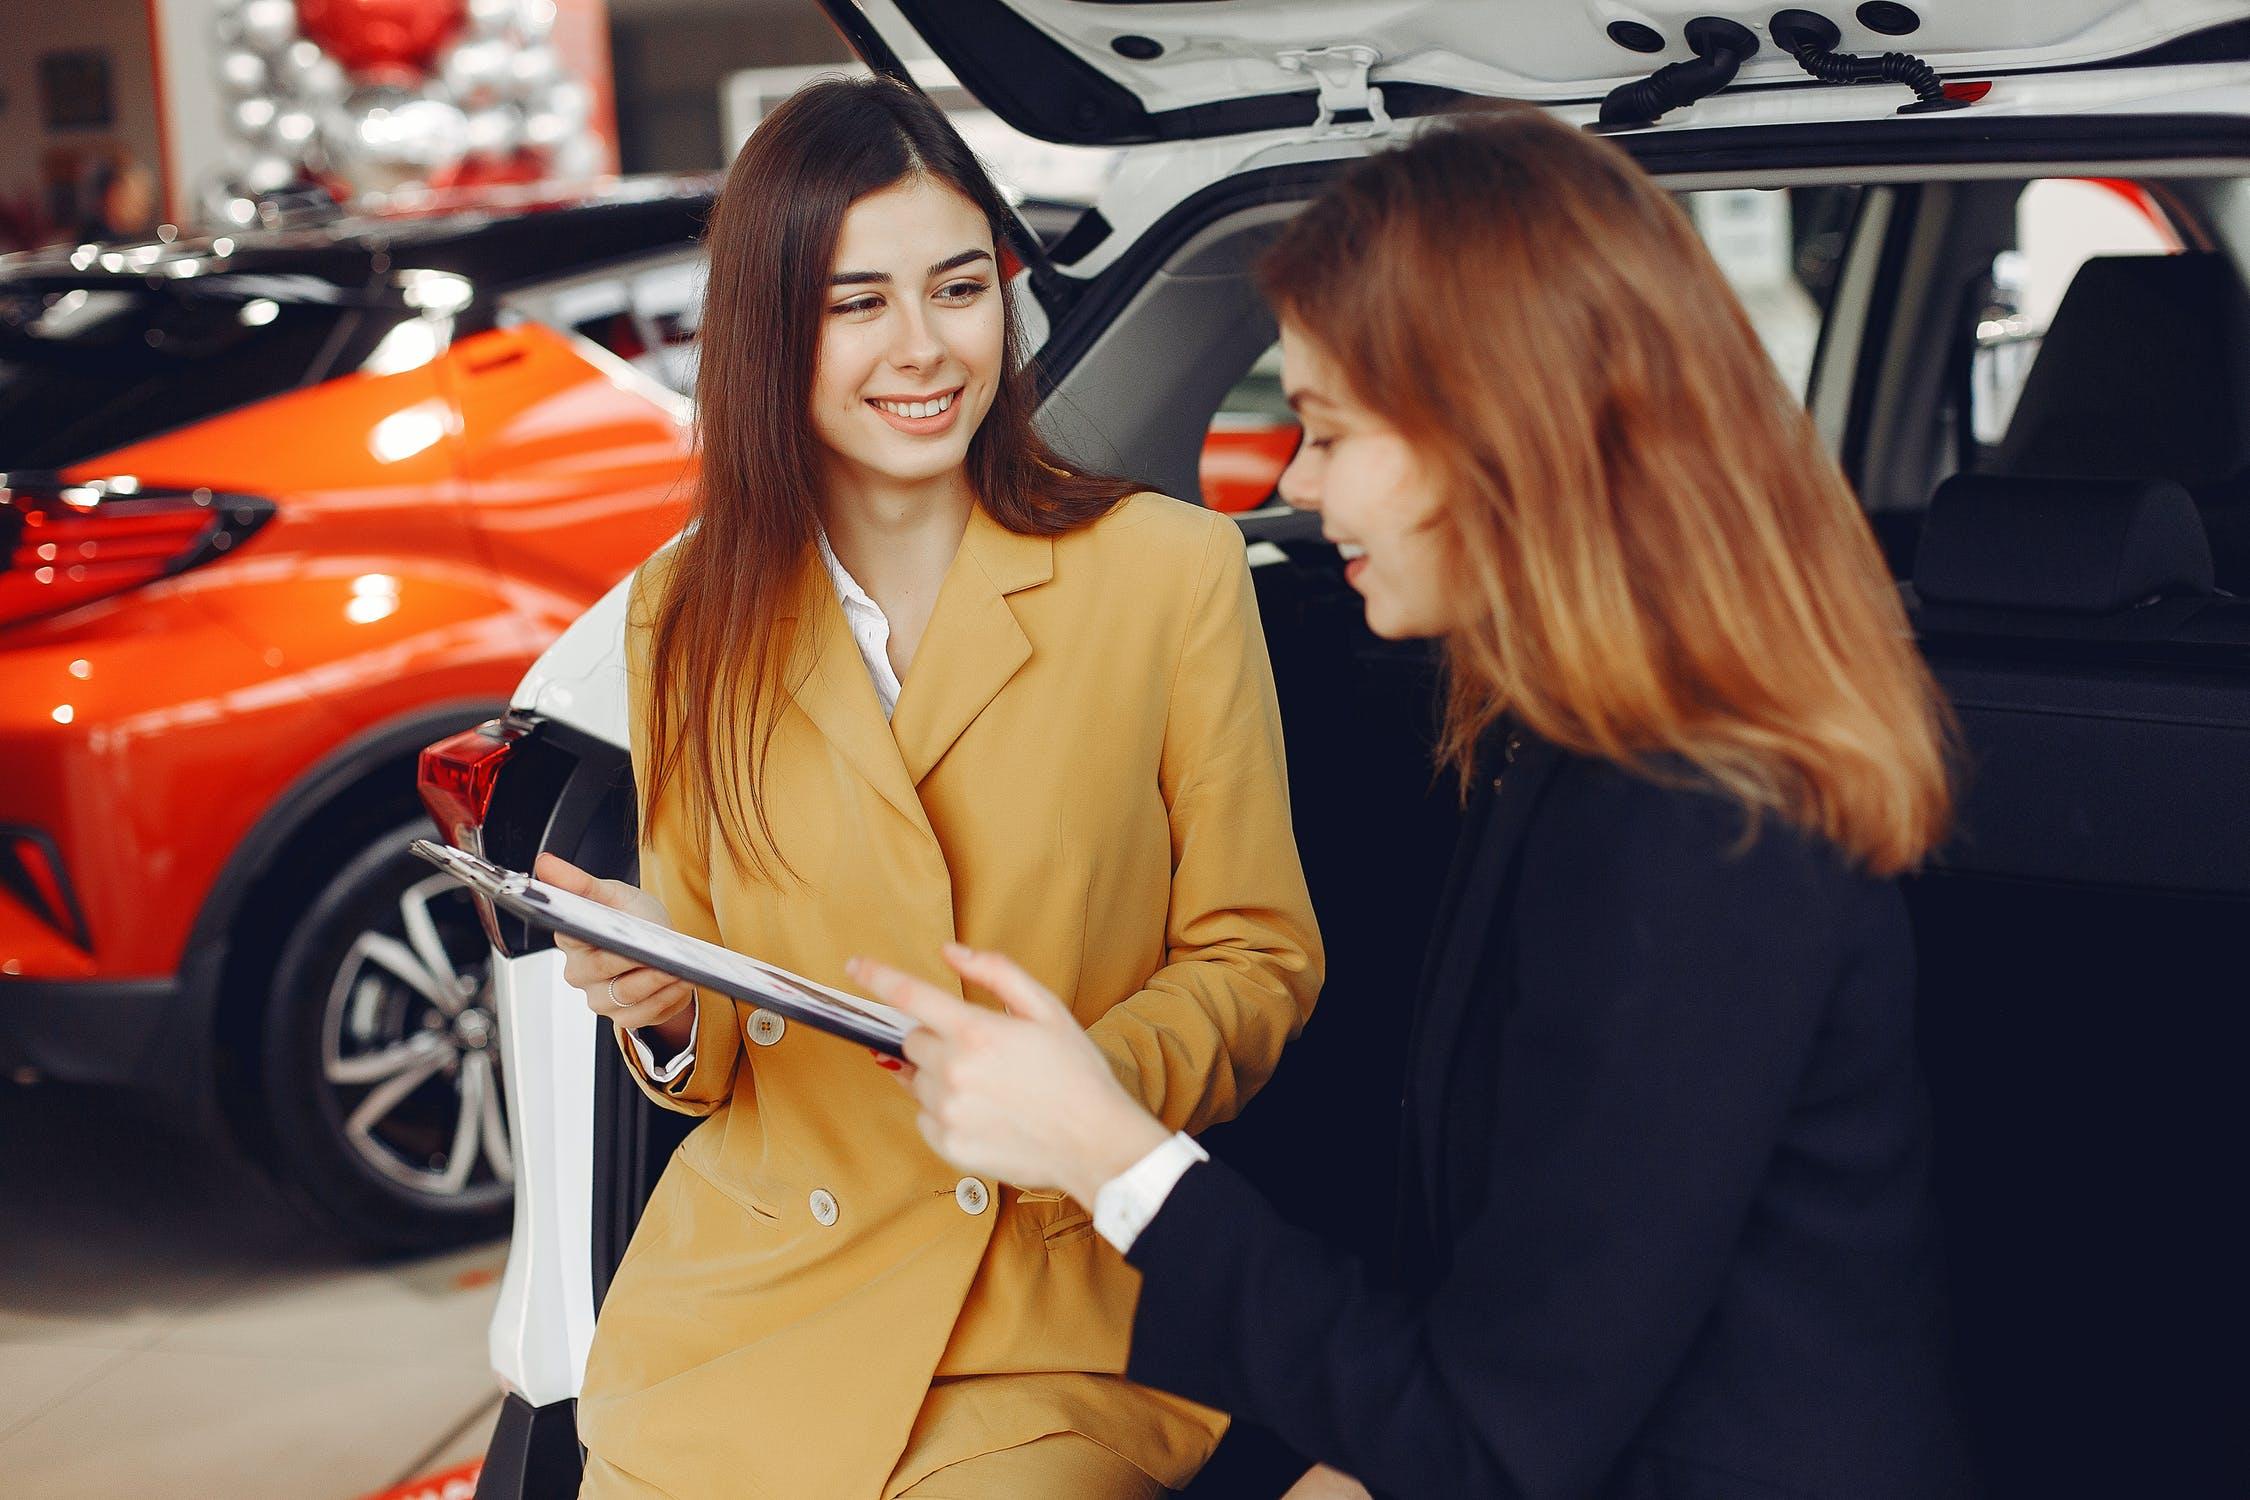 2021 trae una subida del precio de los coches por el ciclo WLTP - gna-ang.com